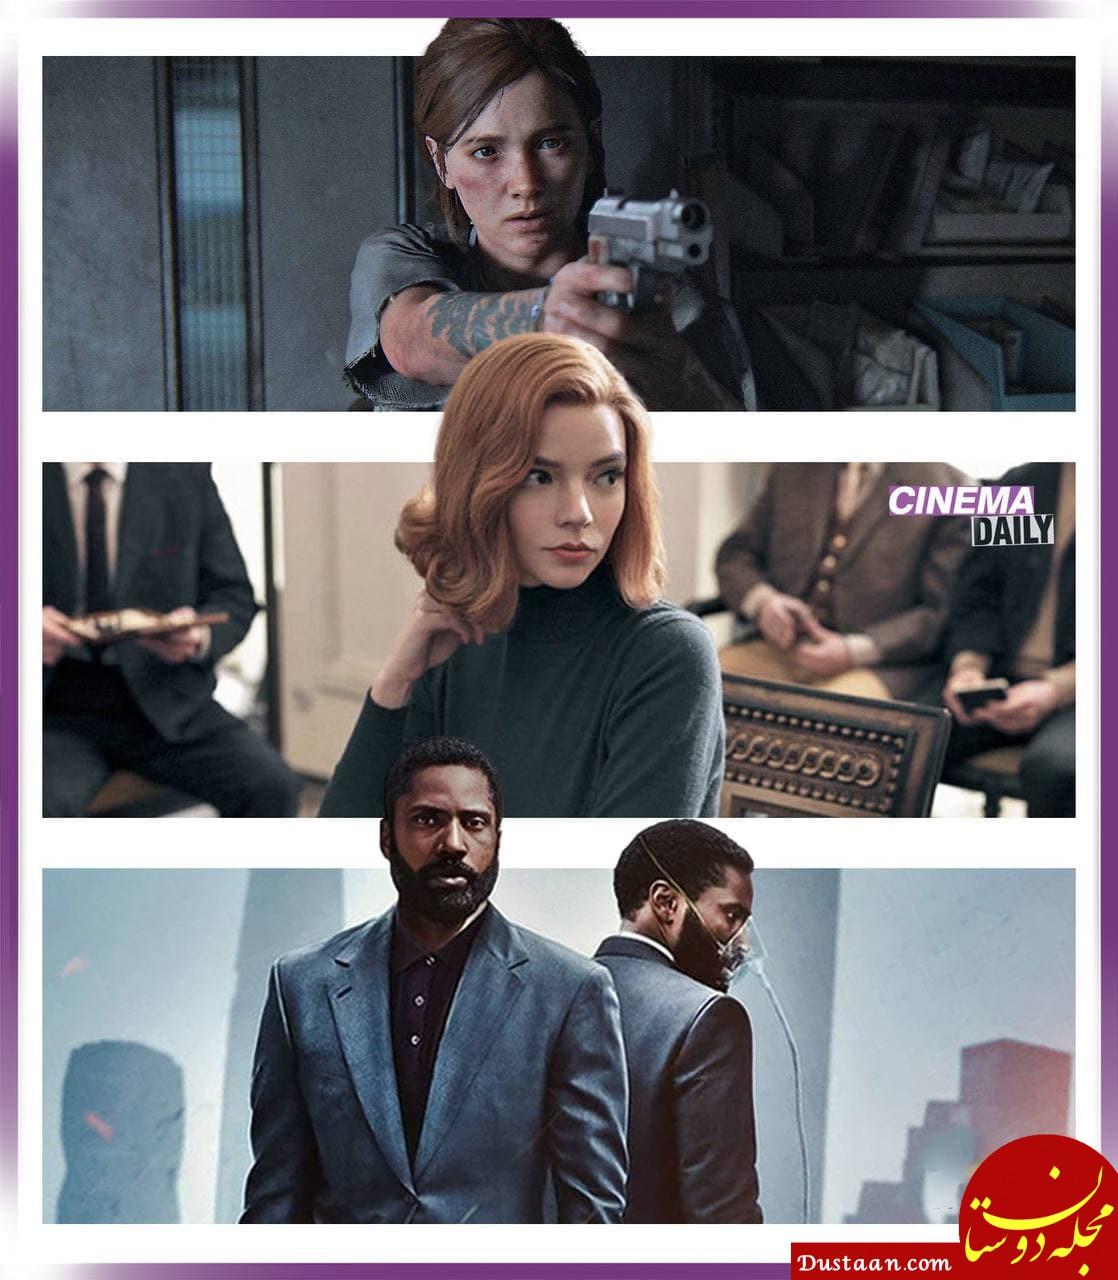 بهترین فیلم ها، سریال ها و گیم های سال به انتخاب مخاطبان سایت متاکریتیک